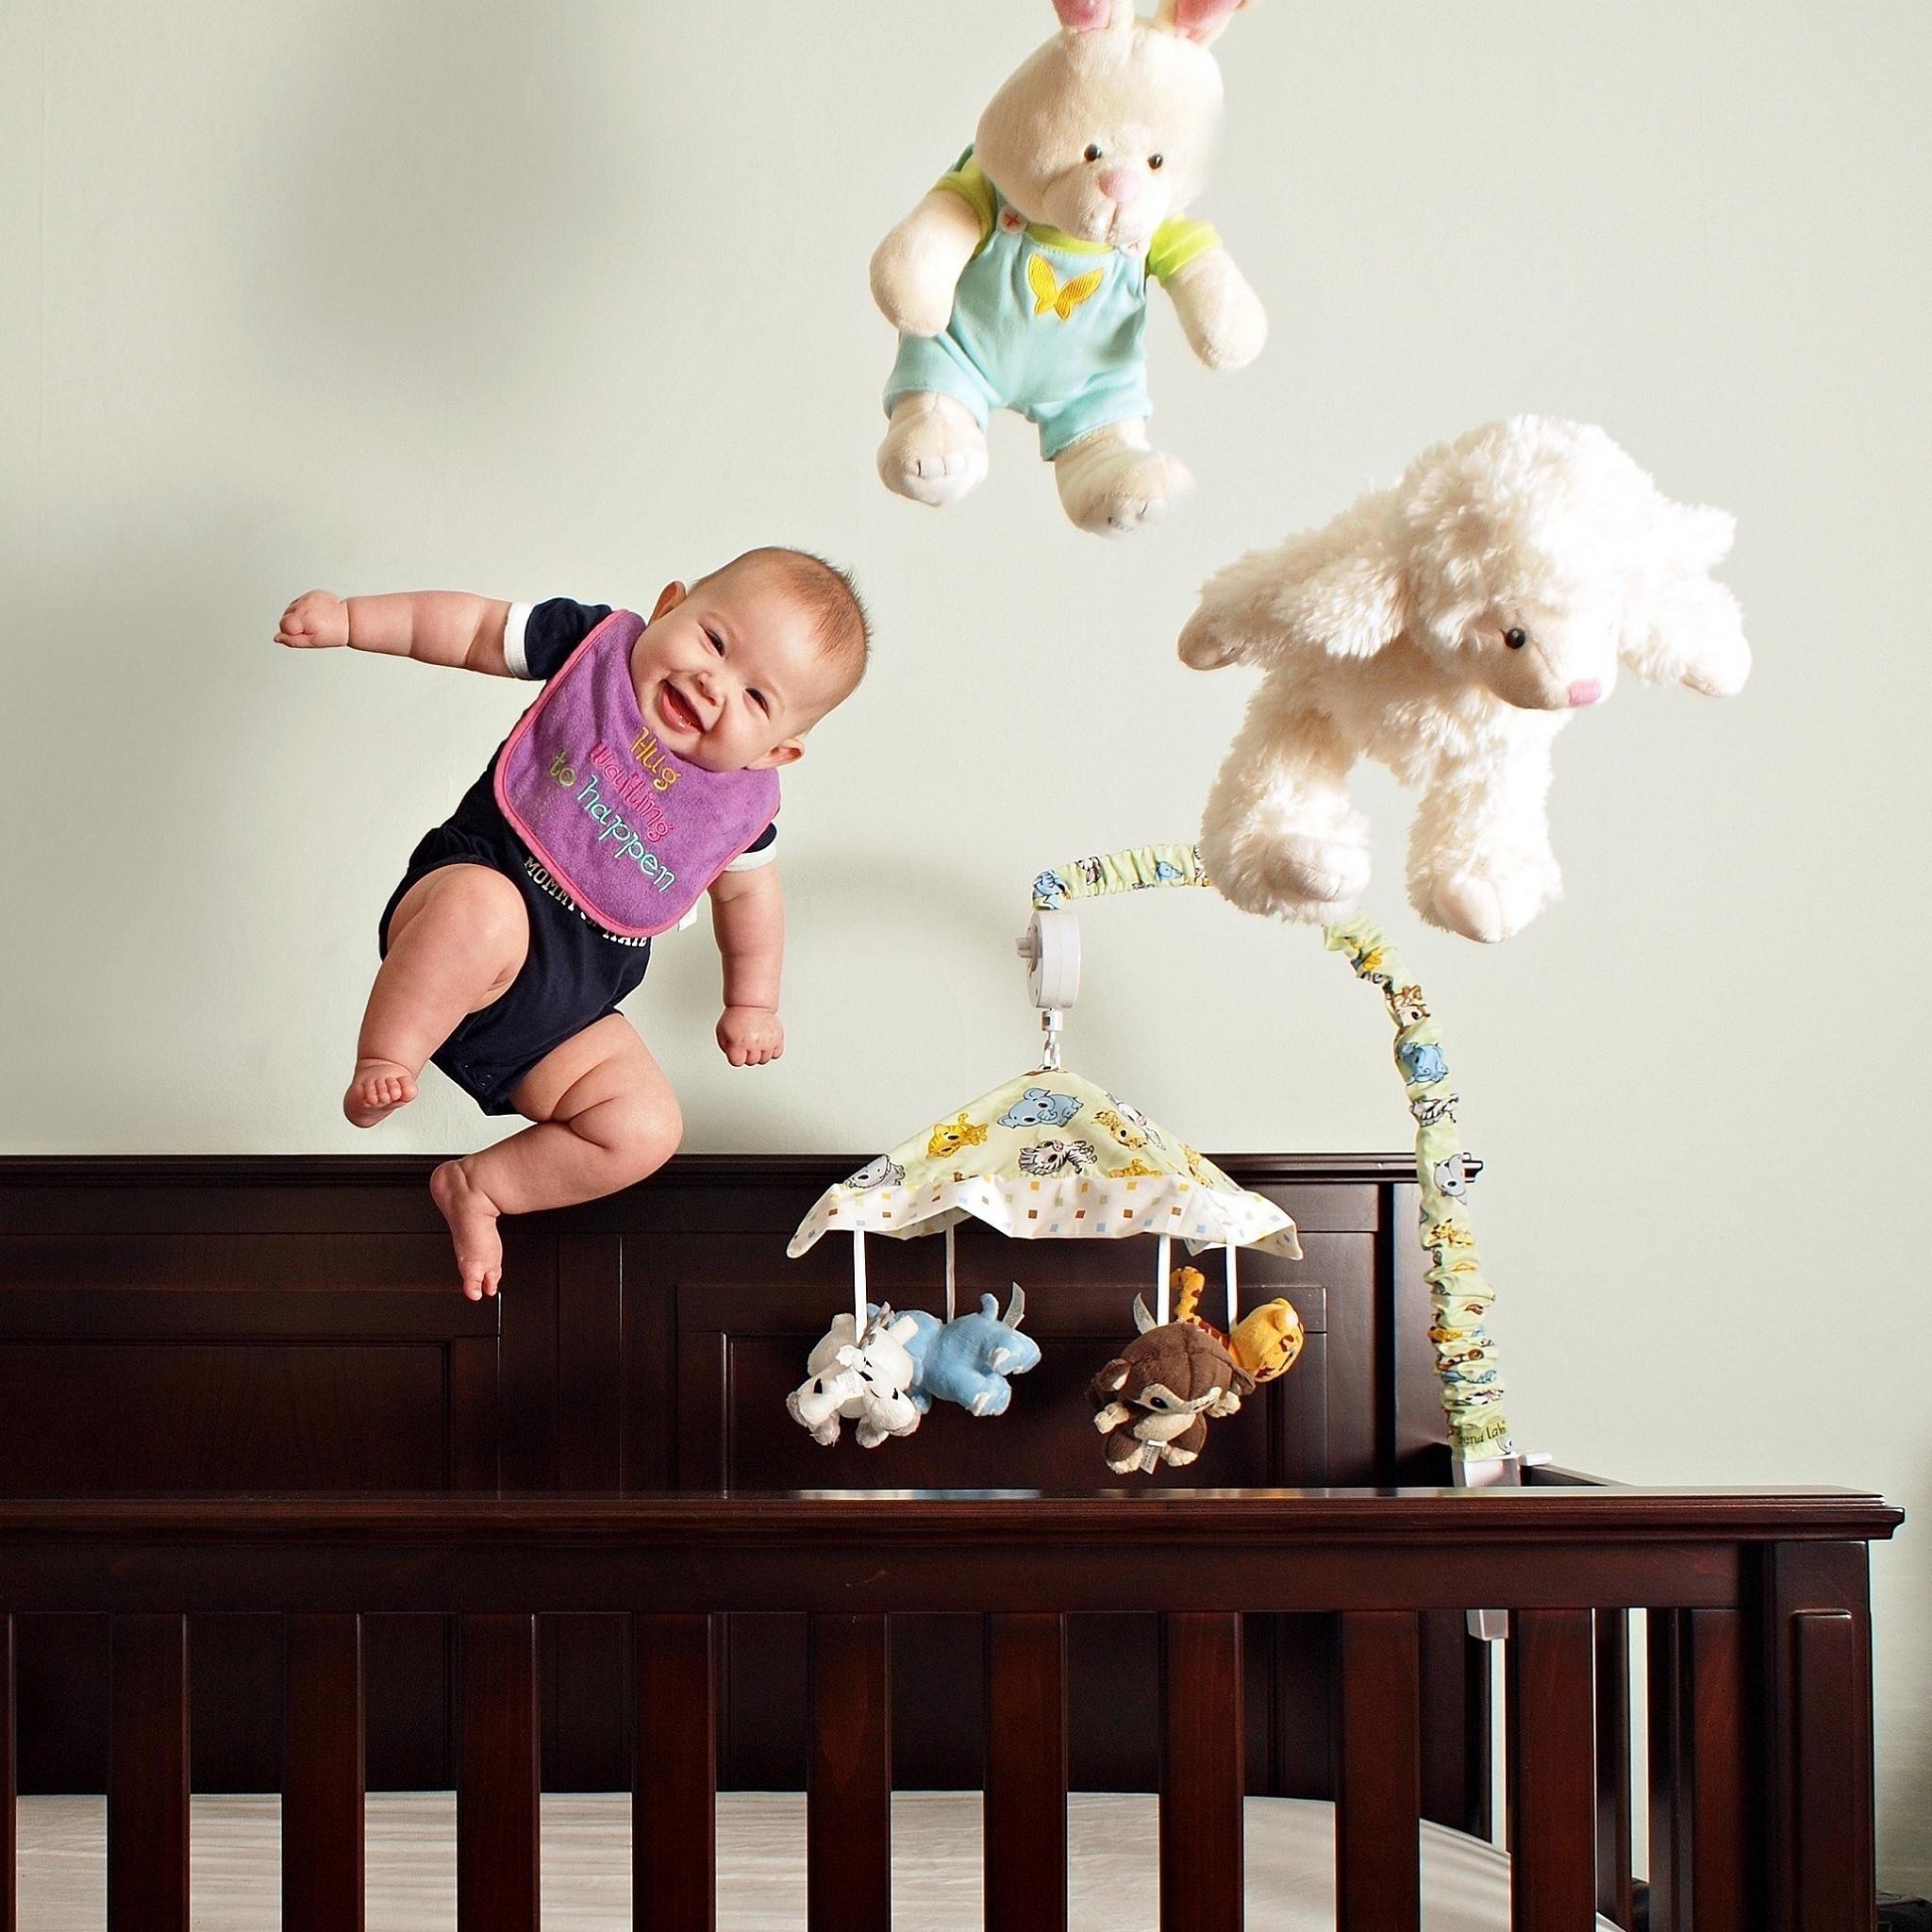 С одной стороны, природа предусмотрела для малышей определенные защитные механизмы, которые делают удары головой или по голове менее серьезными, чем аналогичные удары у детей старшего возра.